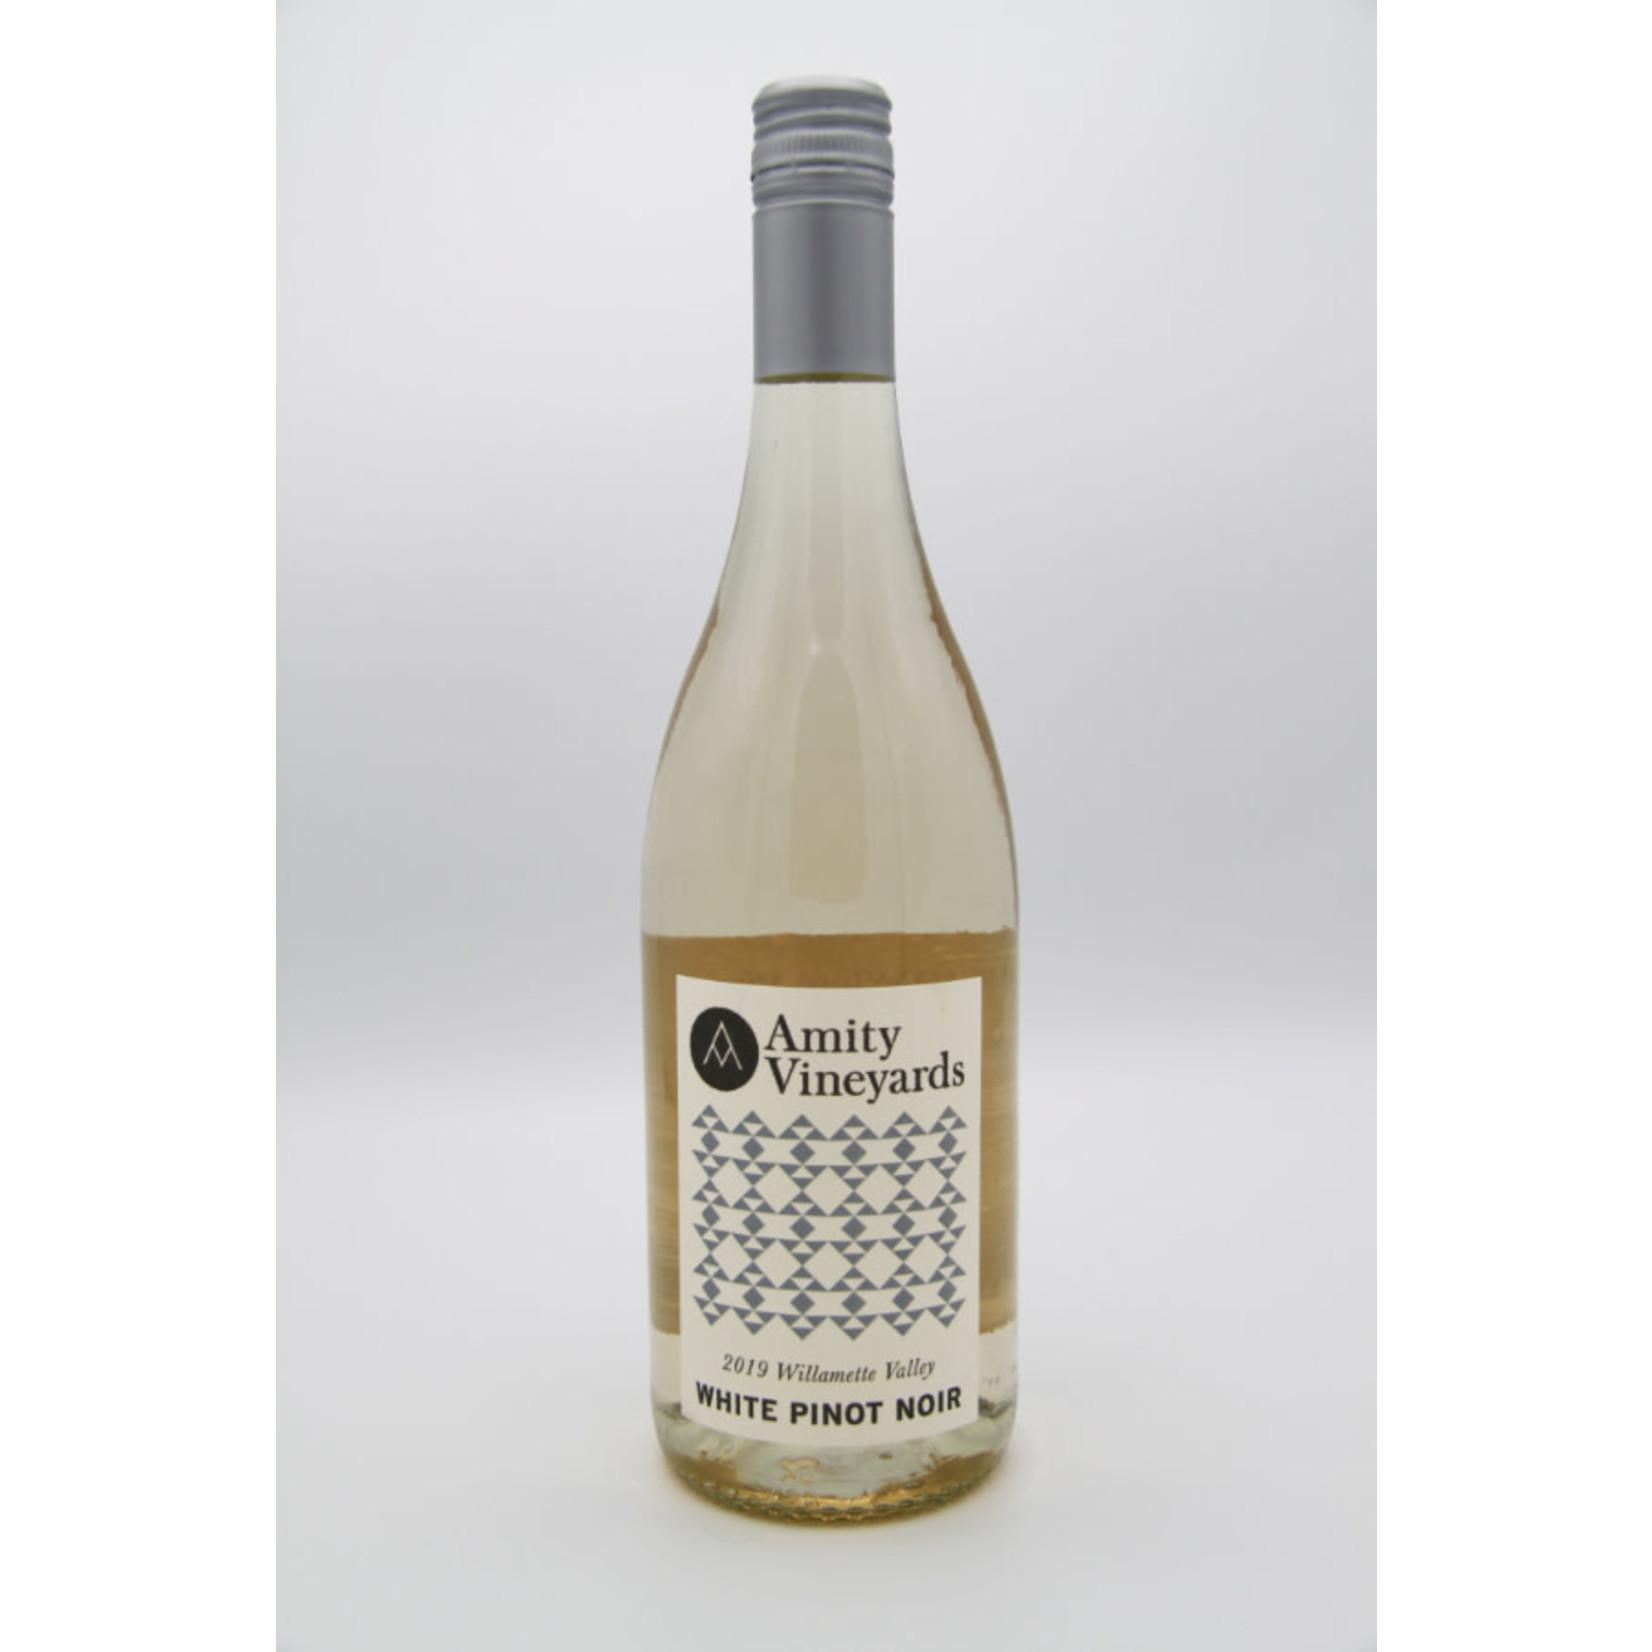 2019 Amity Vineyards White Pinot Noir